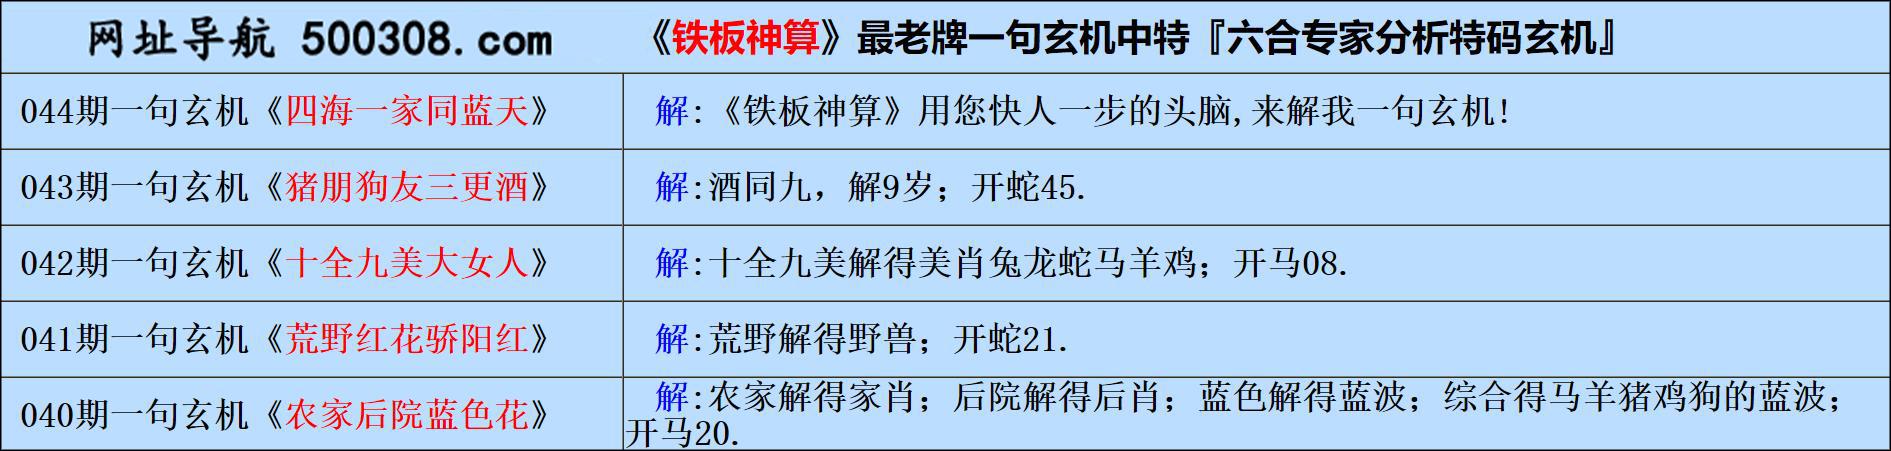 044期五字真言:有待��凌��(猜中必中)